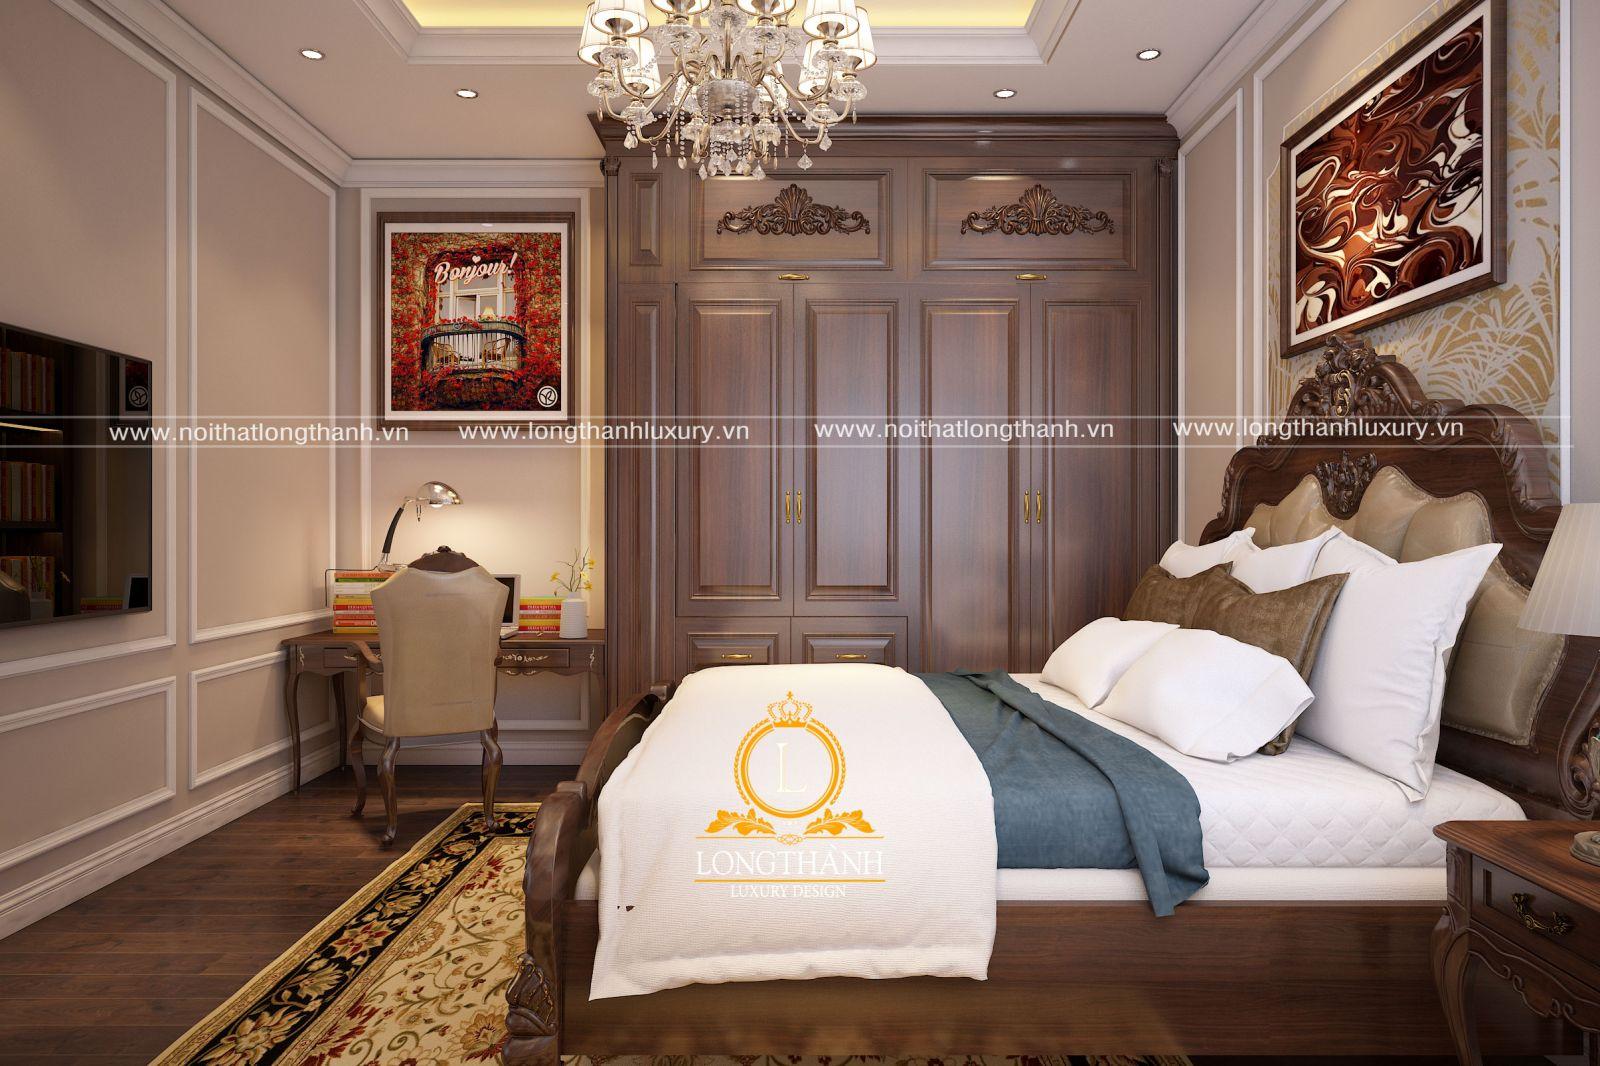 Thiết kế nội thất phòng ngủ nhà phố đẹp sử dụng gỗ Sồi tự nhiên